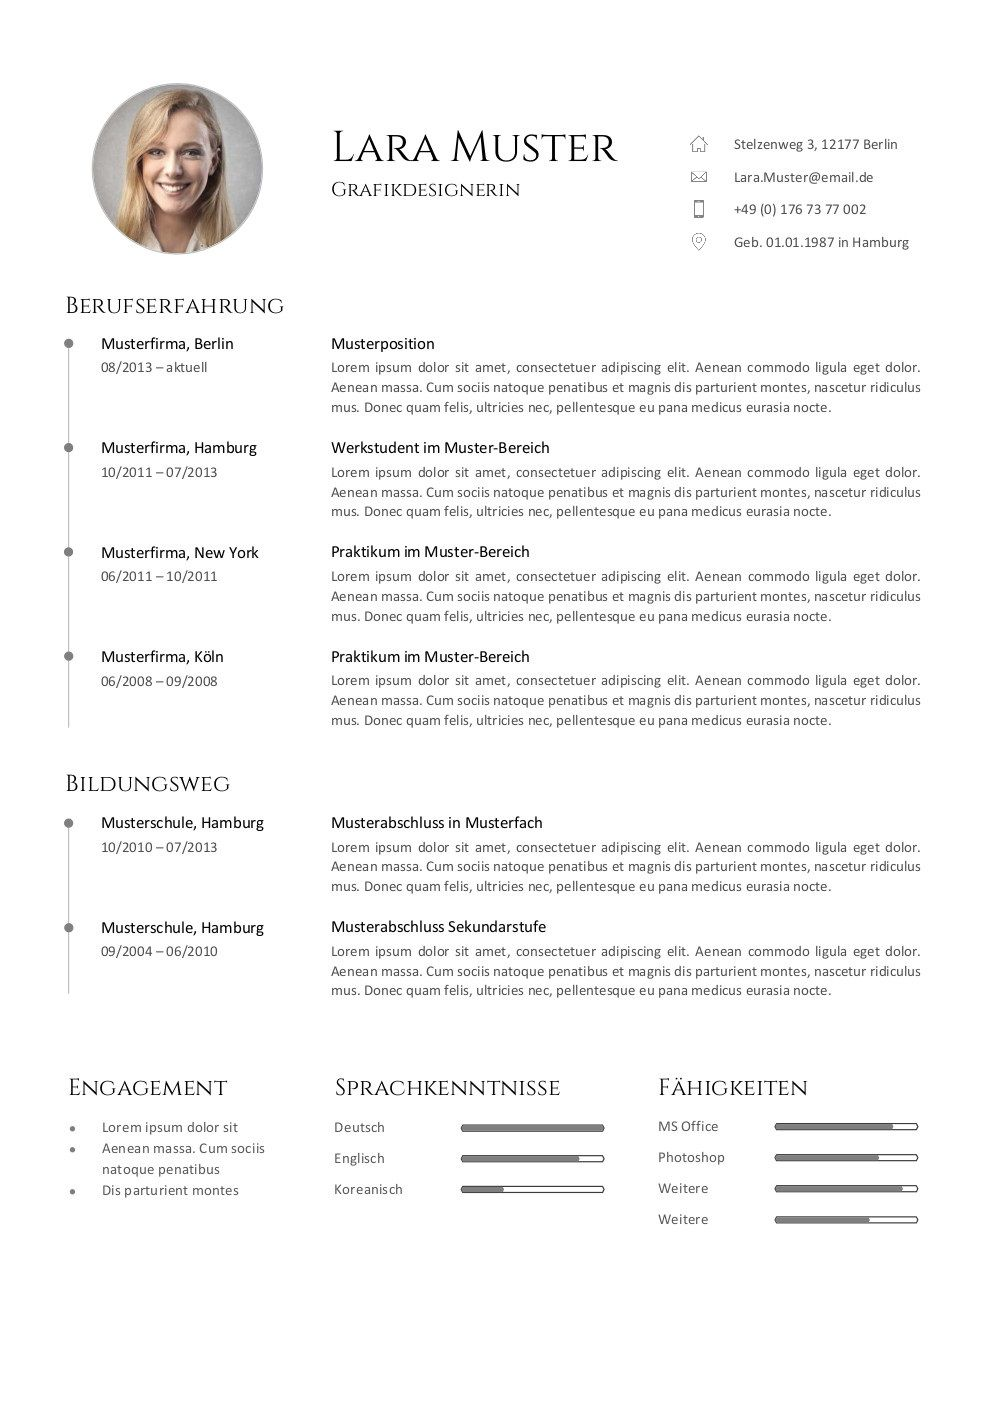 Bewerbungsvorlagen – 77 Muster für die Bewerbung 2018 | Career ...